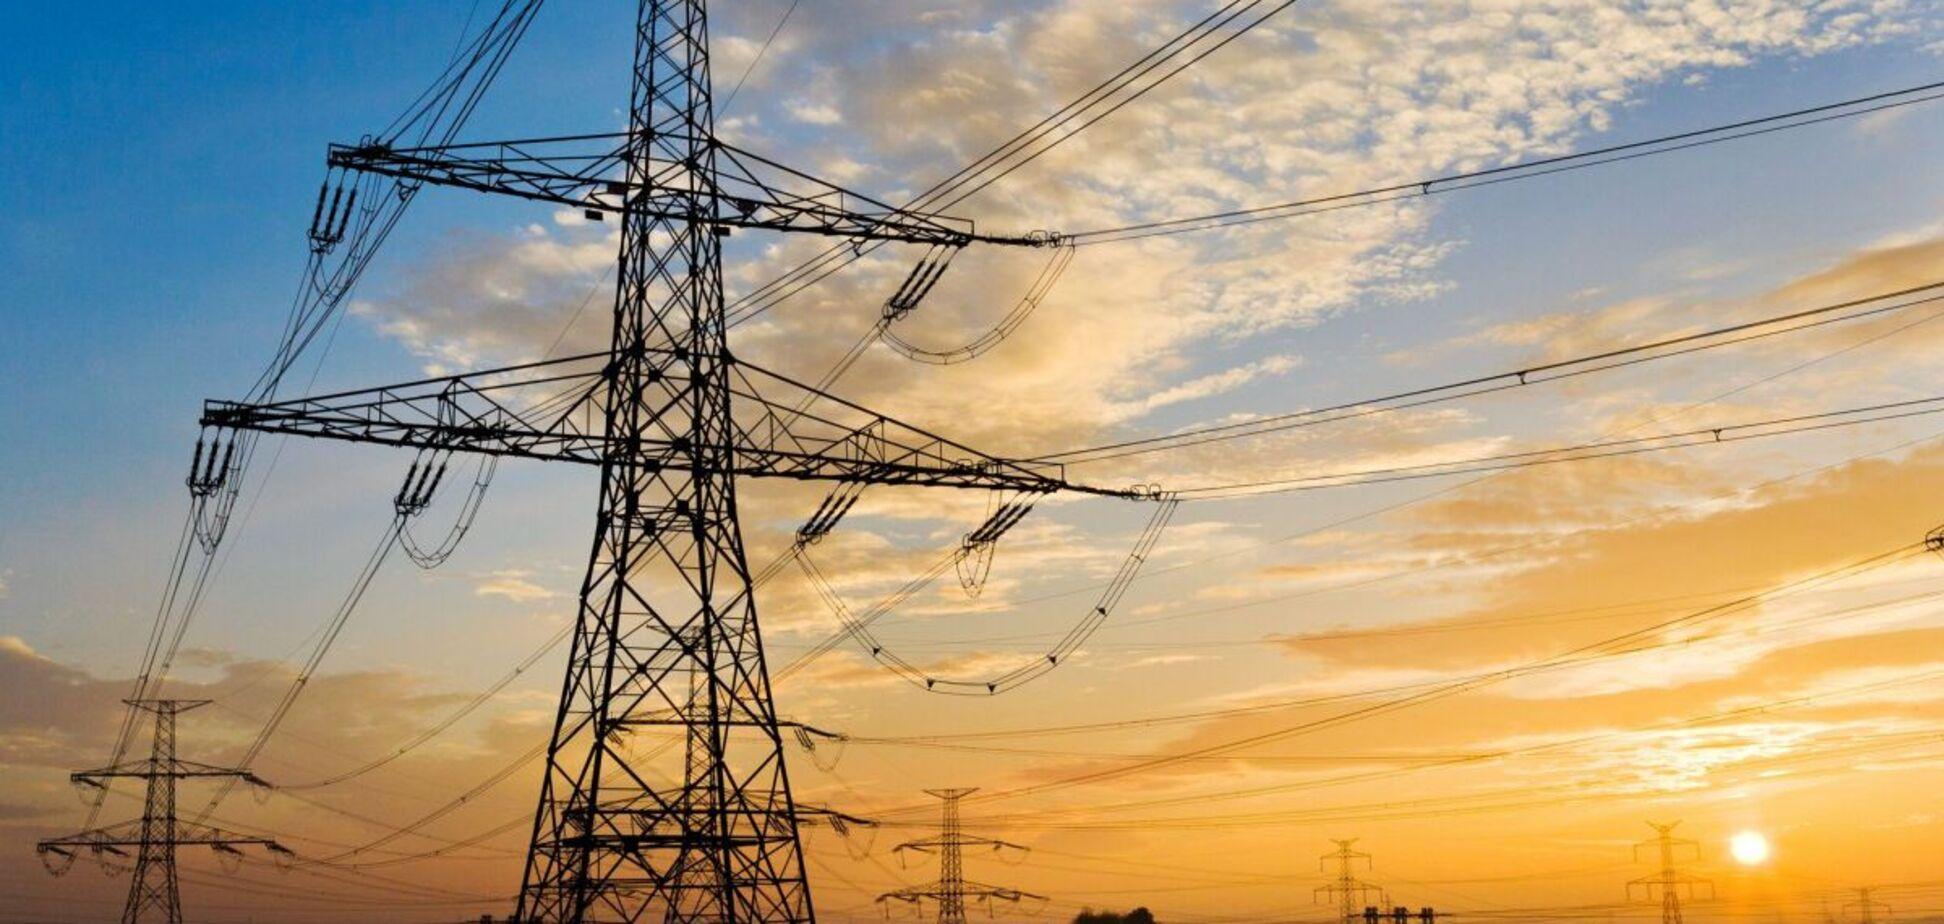 Імпорт електроенергії призведе до втрати Україною енергонезалежності, – Колесніков